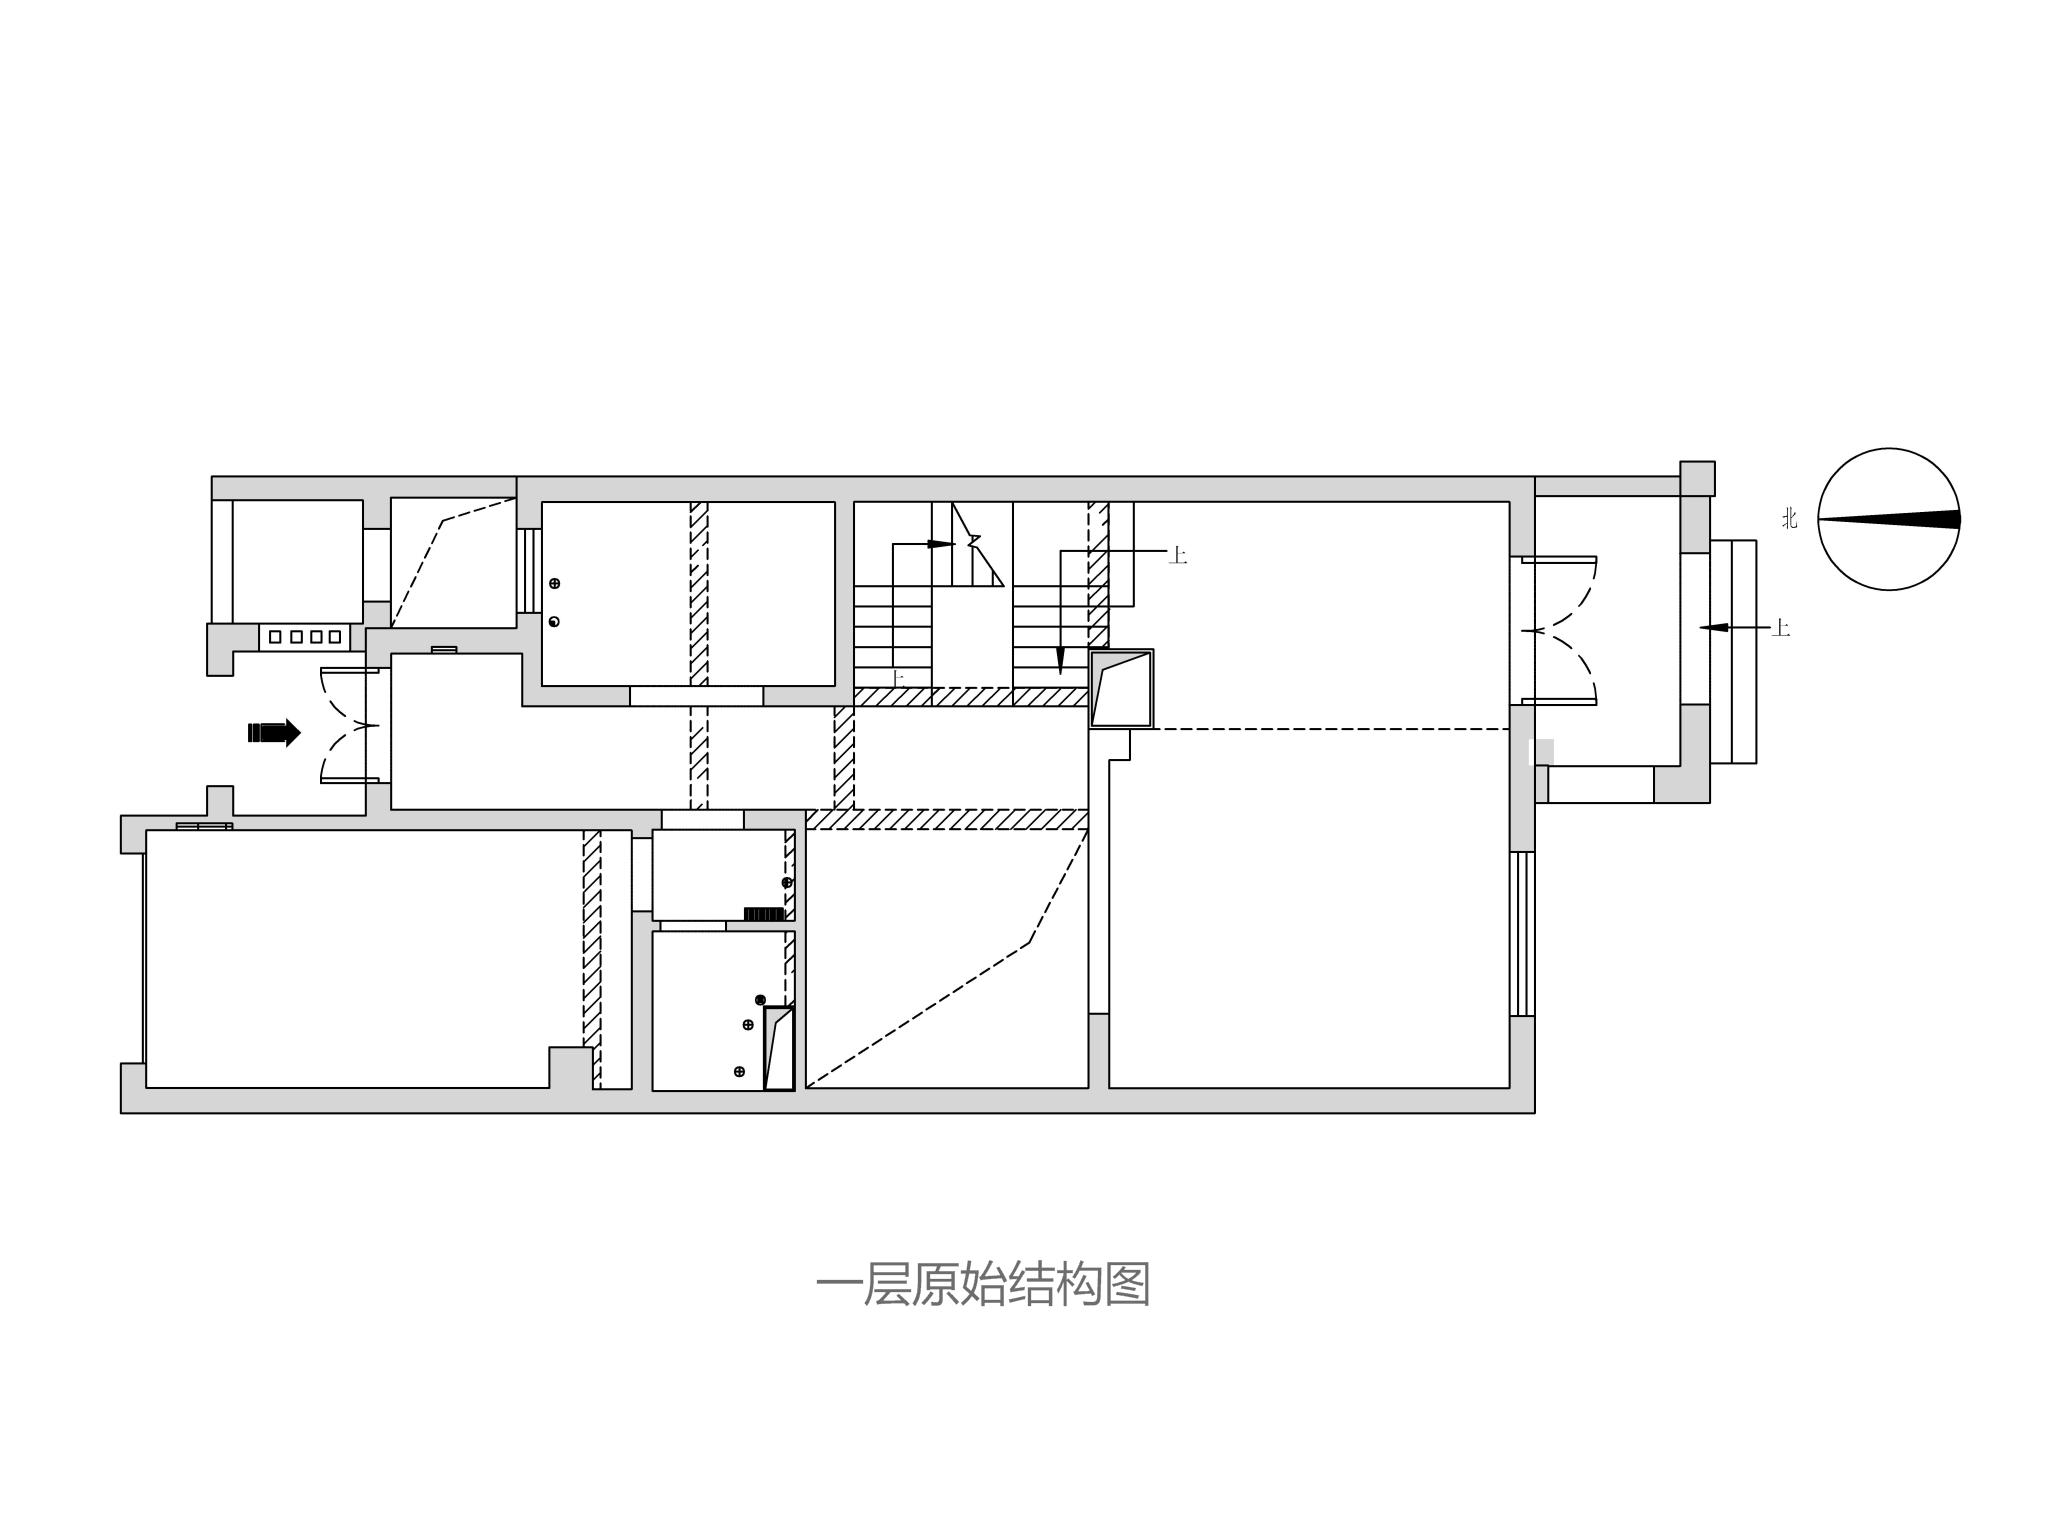 盛高山鼎現代簡約350平米裝修效果圖裝修設計理念